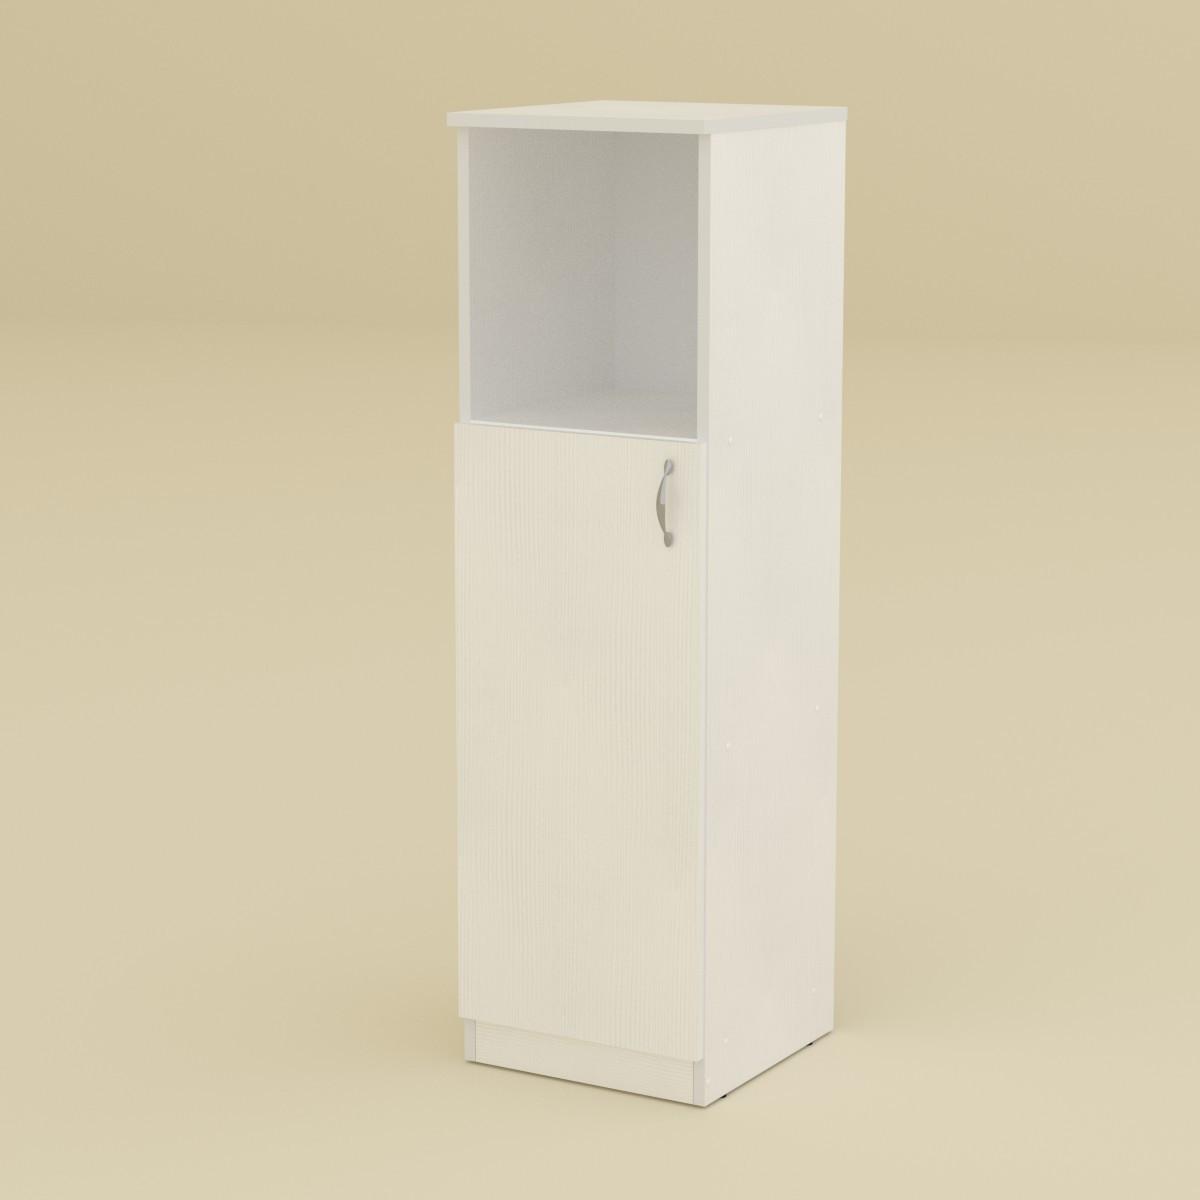 Шкаф книжный КШ-16 нимфея альба (белый) Компанит (36х37х120 см)